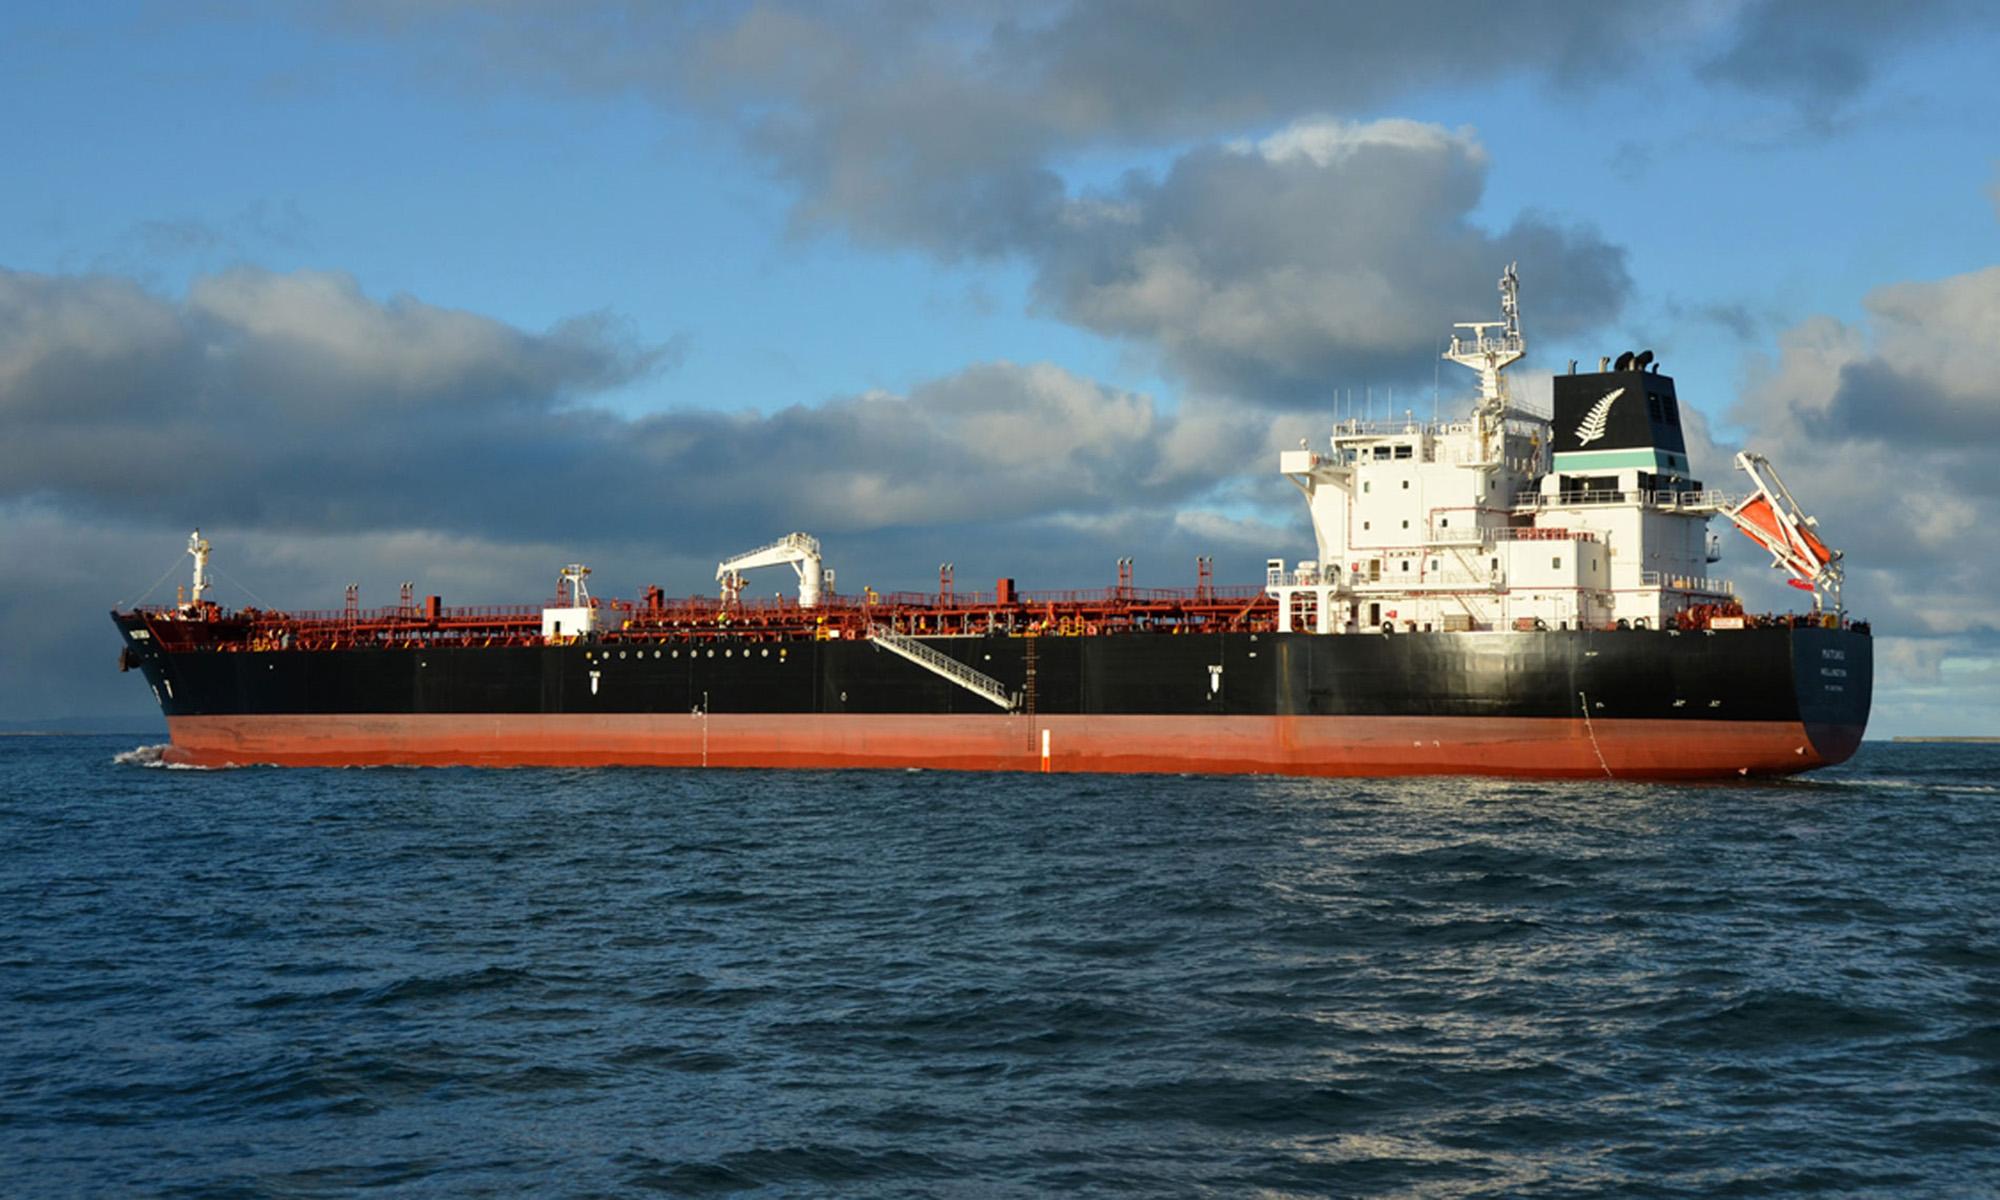 Silver Fern Shipping Ltd